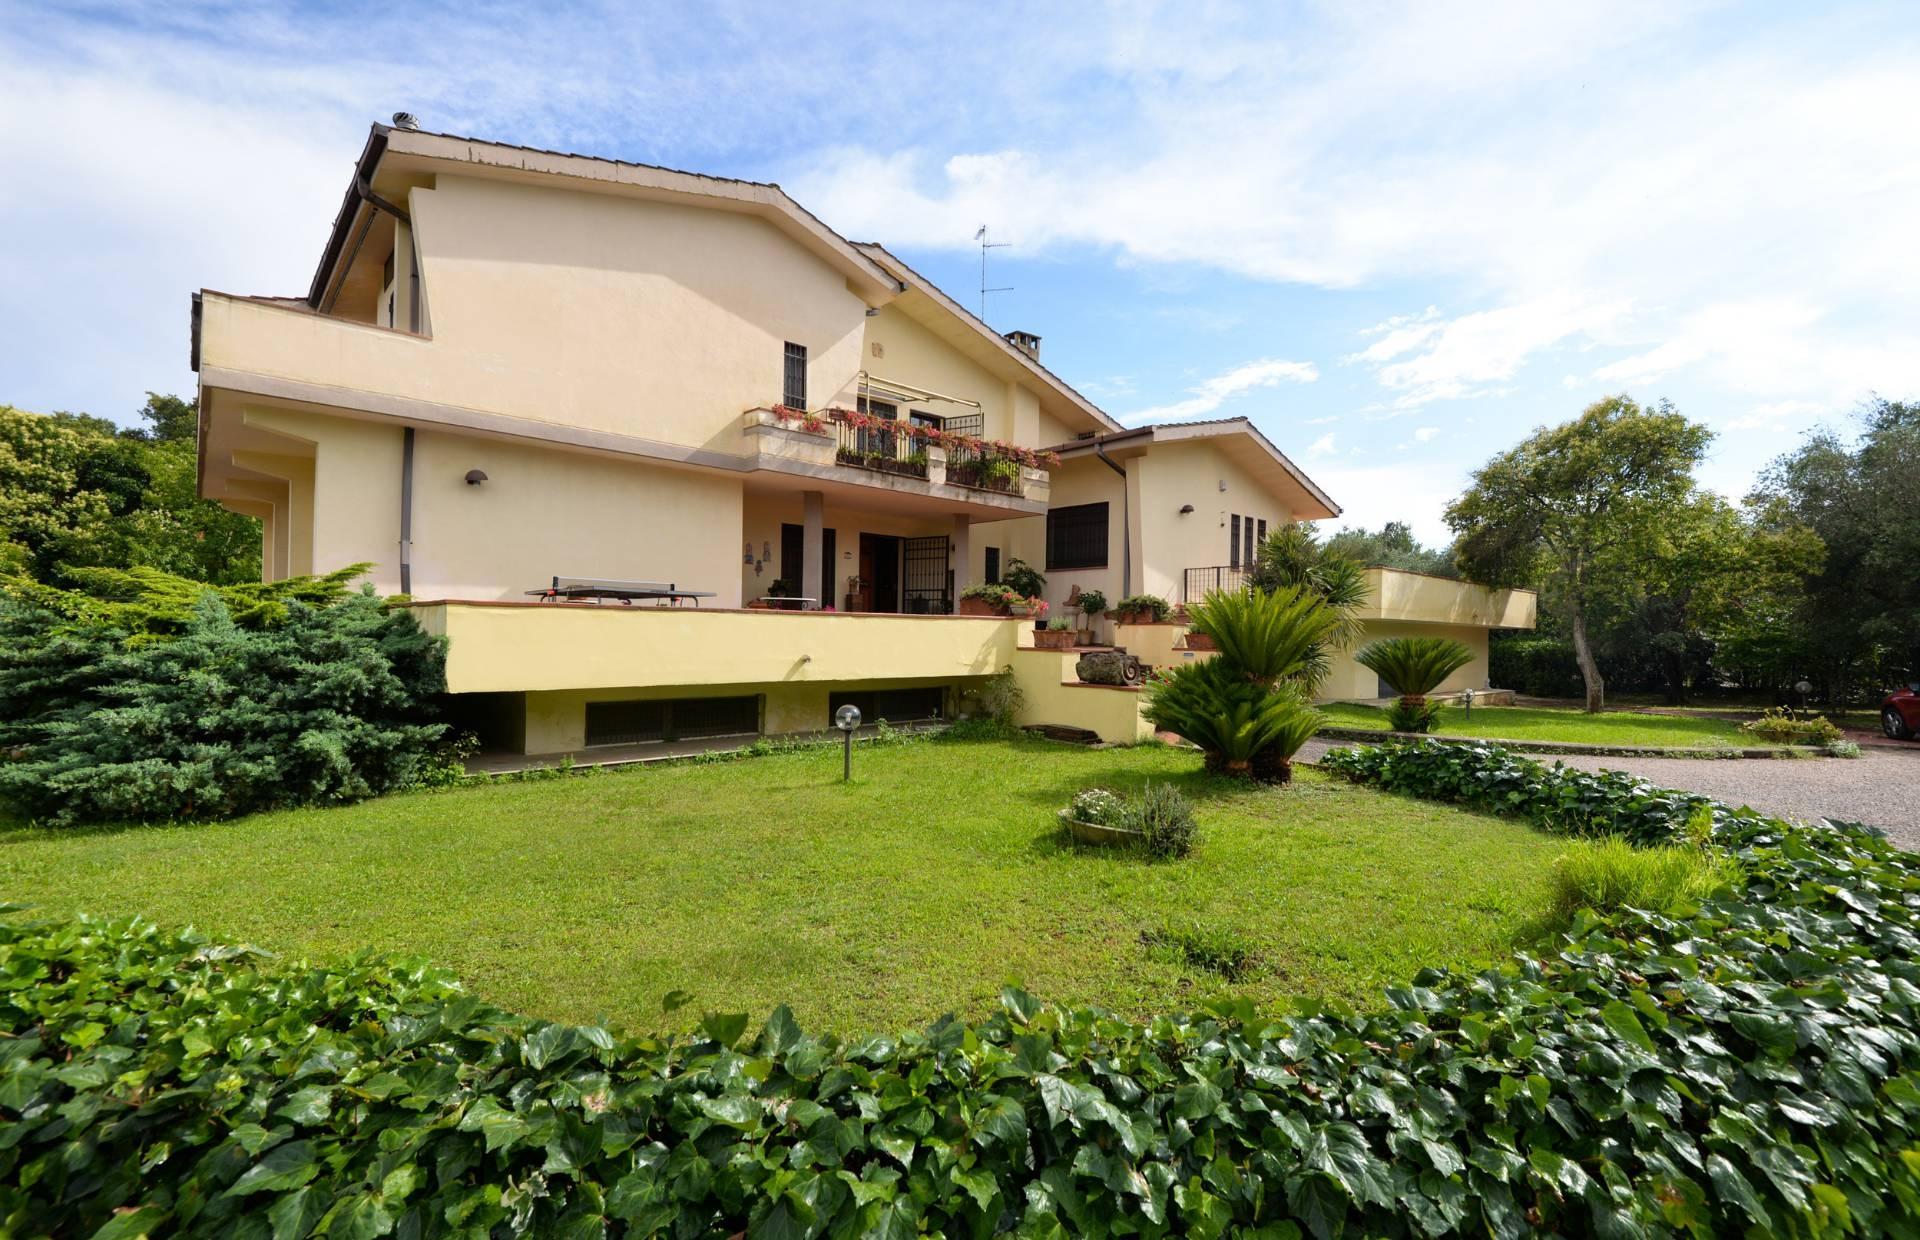 Villa in vendita a Lecce (LE)